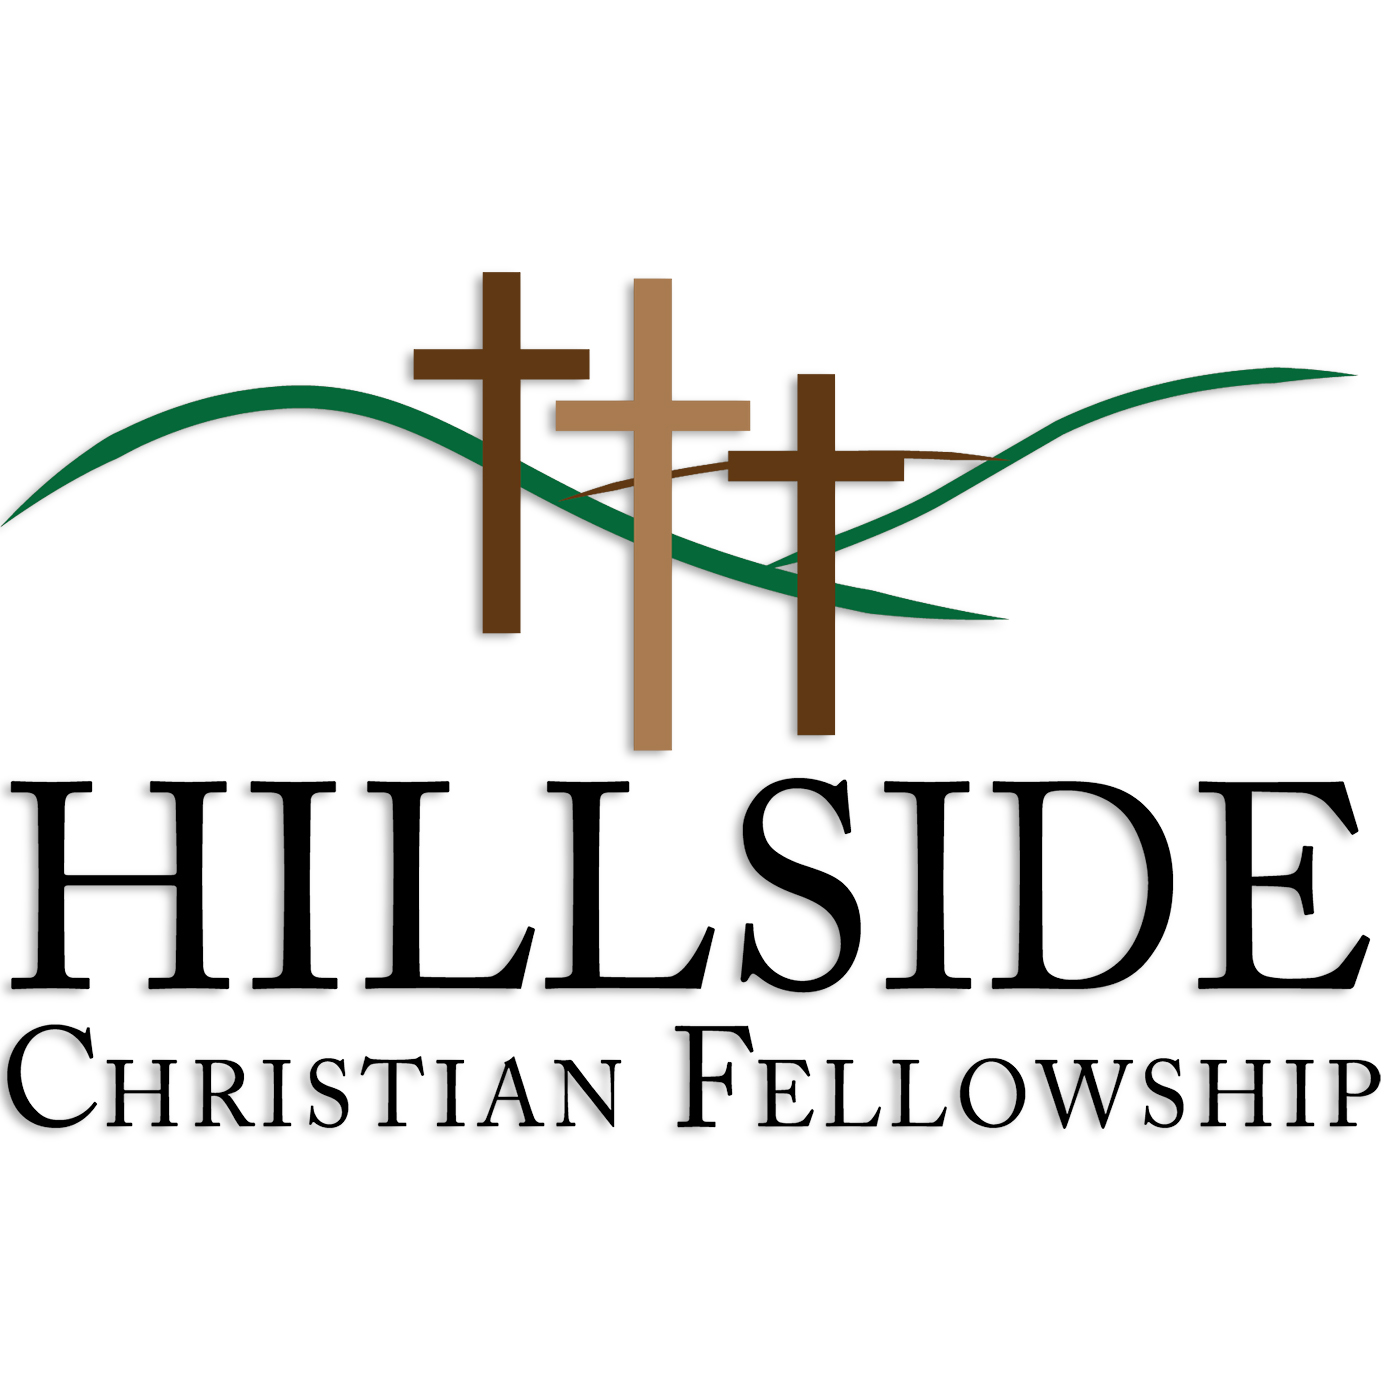 Hillside Christian Fellowship